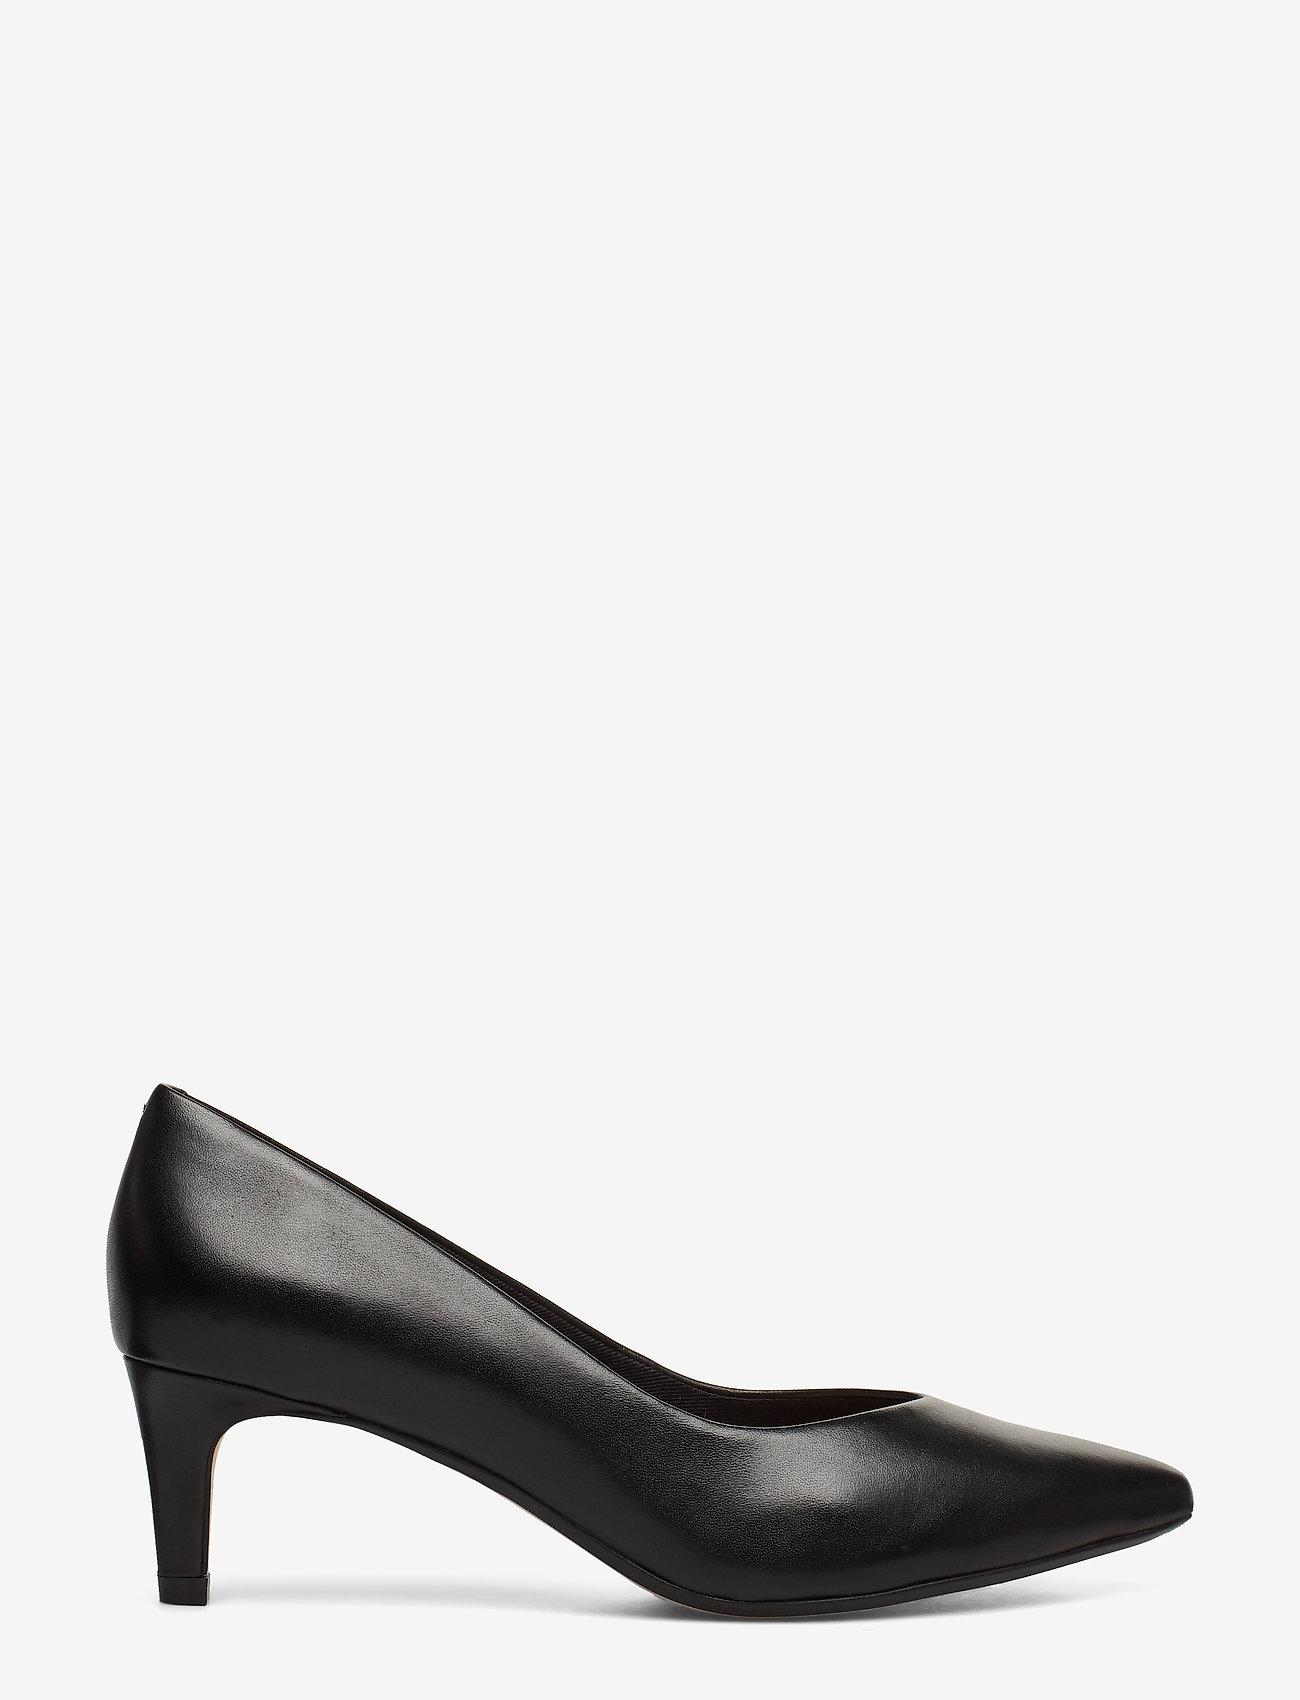 Clarks - Laina55 Court - escarpins classiques - black leather - 1